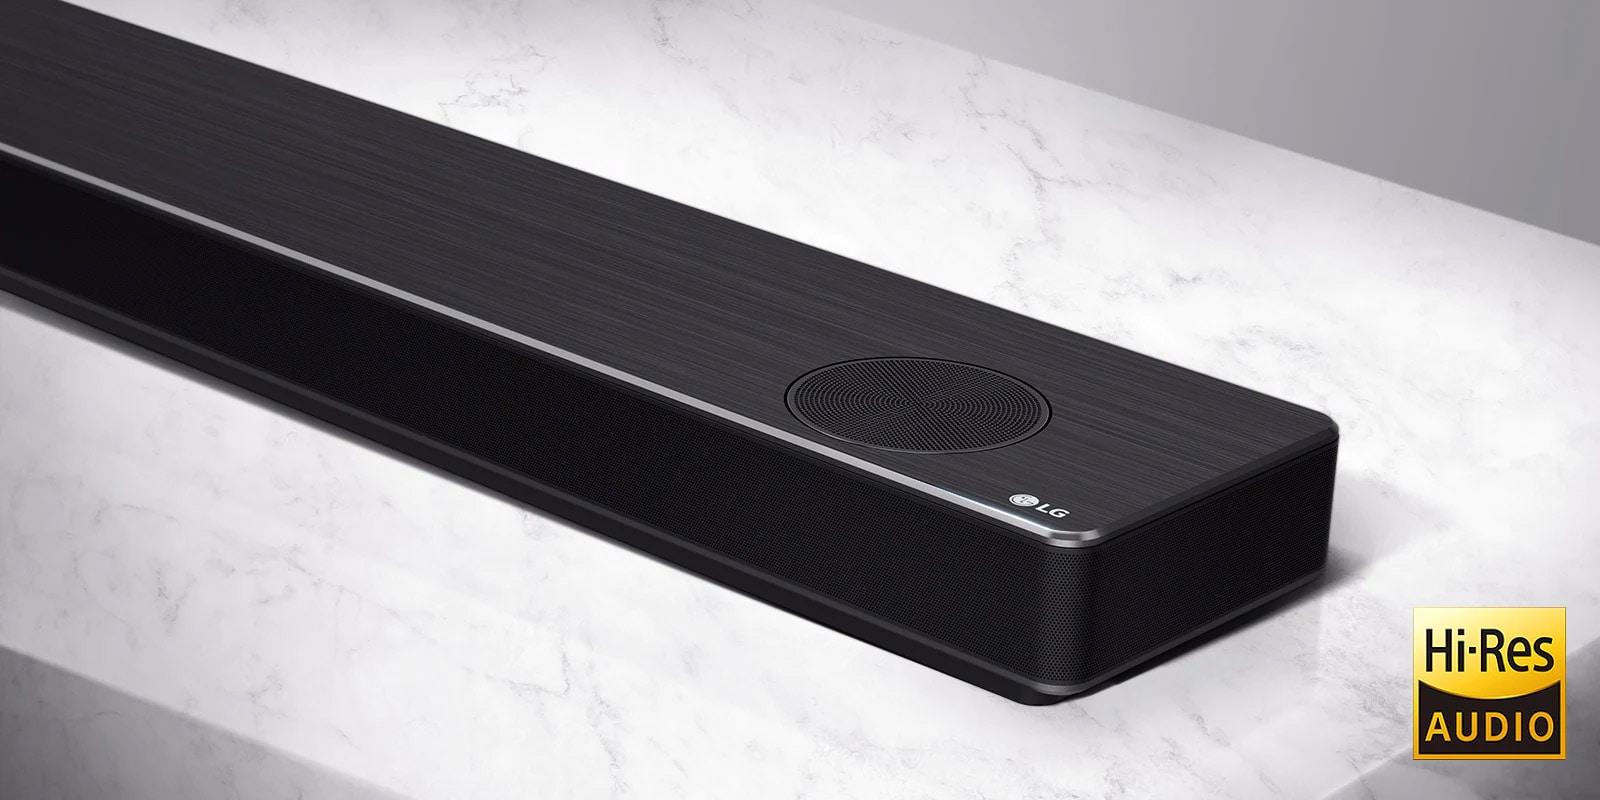 Cận cảnh mặt phải LG Soundbar với logo LG hiển thị ở góc dưới bên phải của sản phẩm.